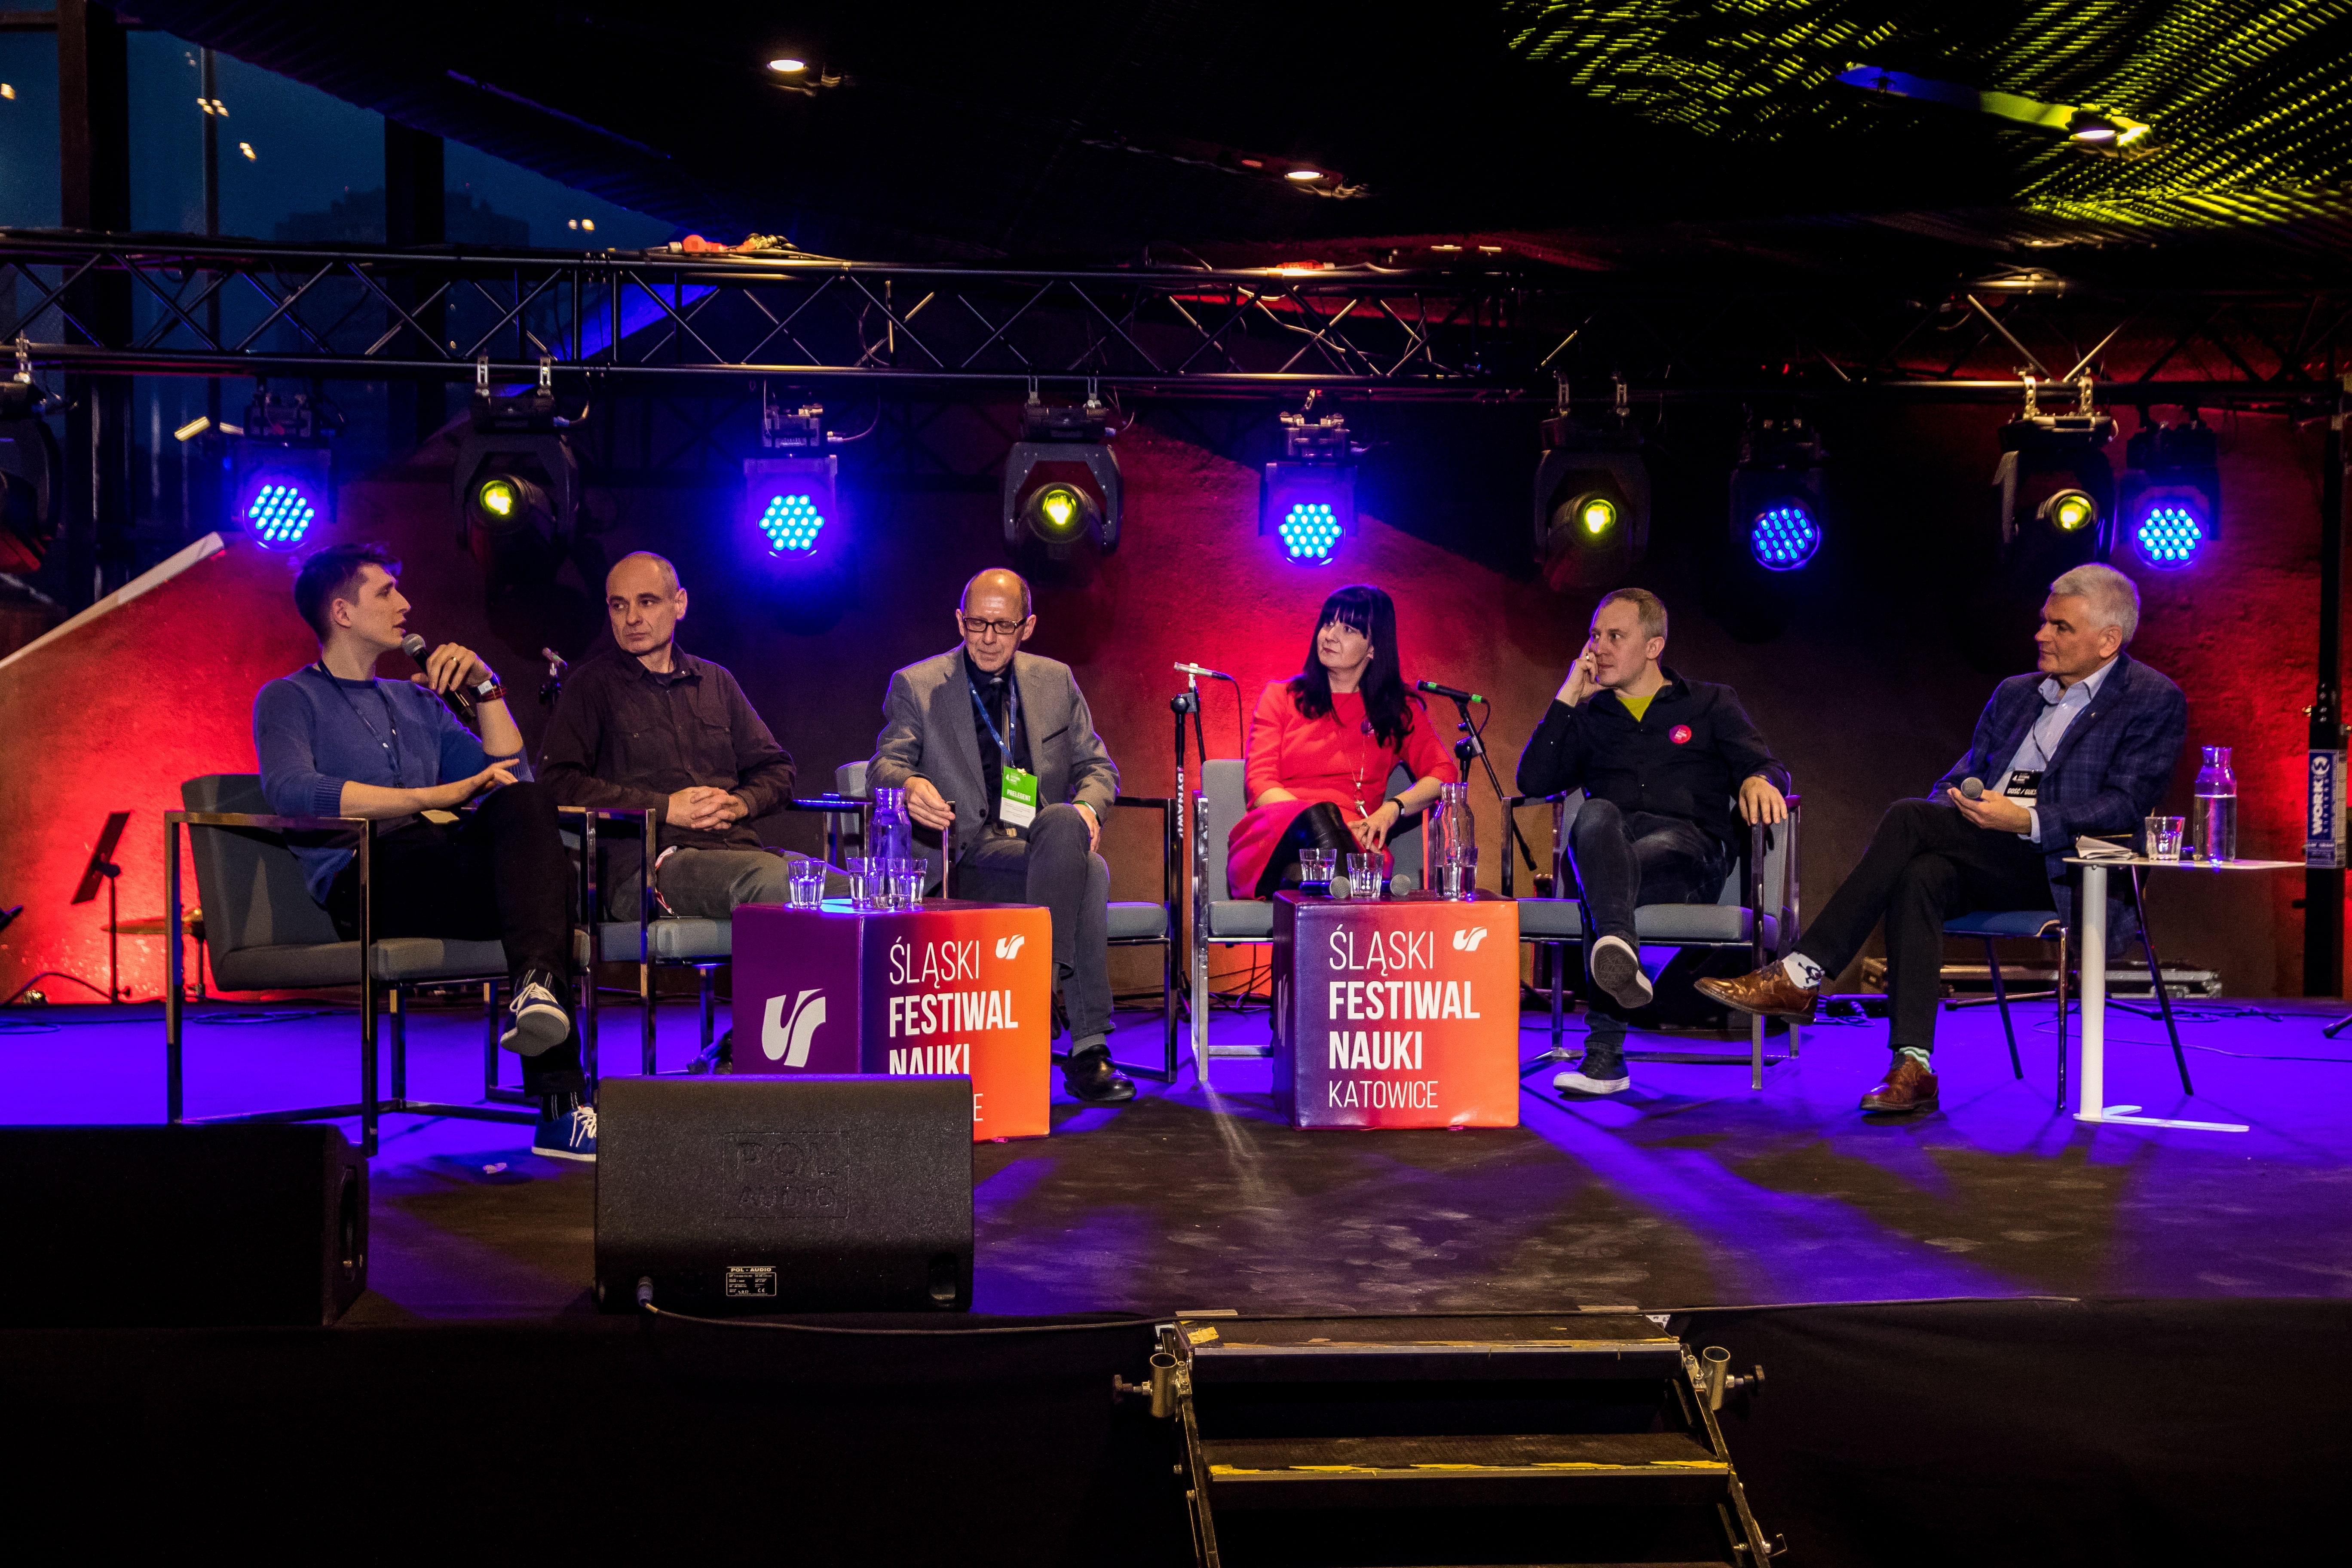 Na scenie siedzą laureaci konkursu POP Science w roku 2020 oraz prowadzący debatę Edwin Bendyk